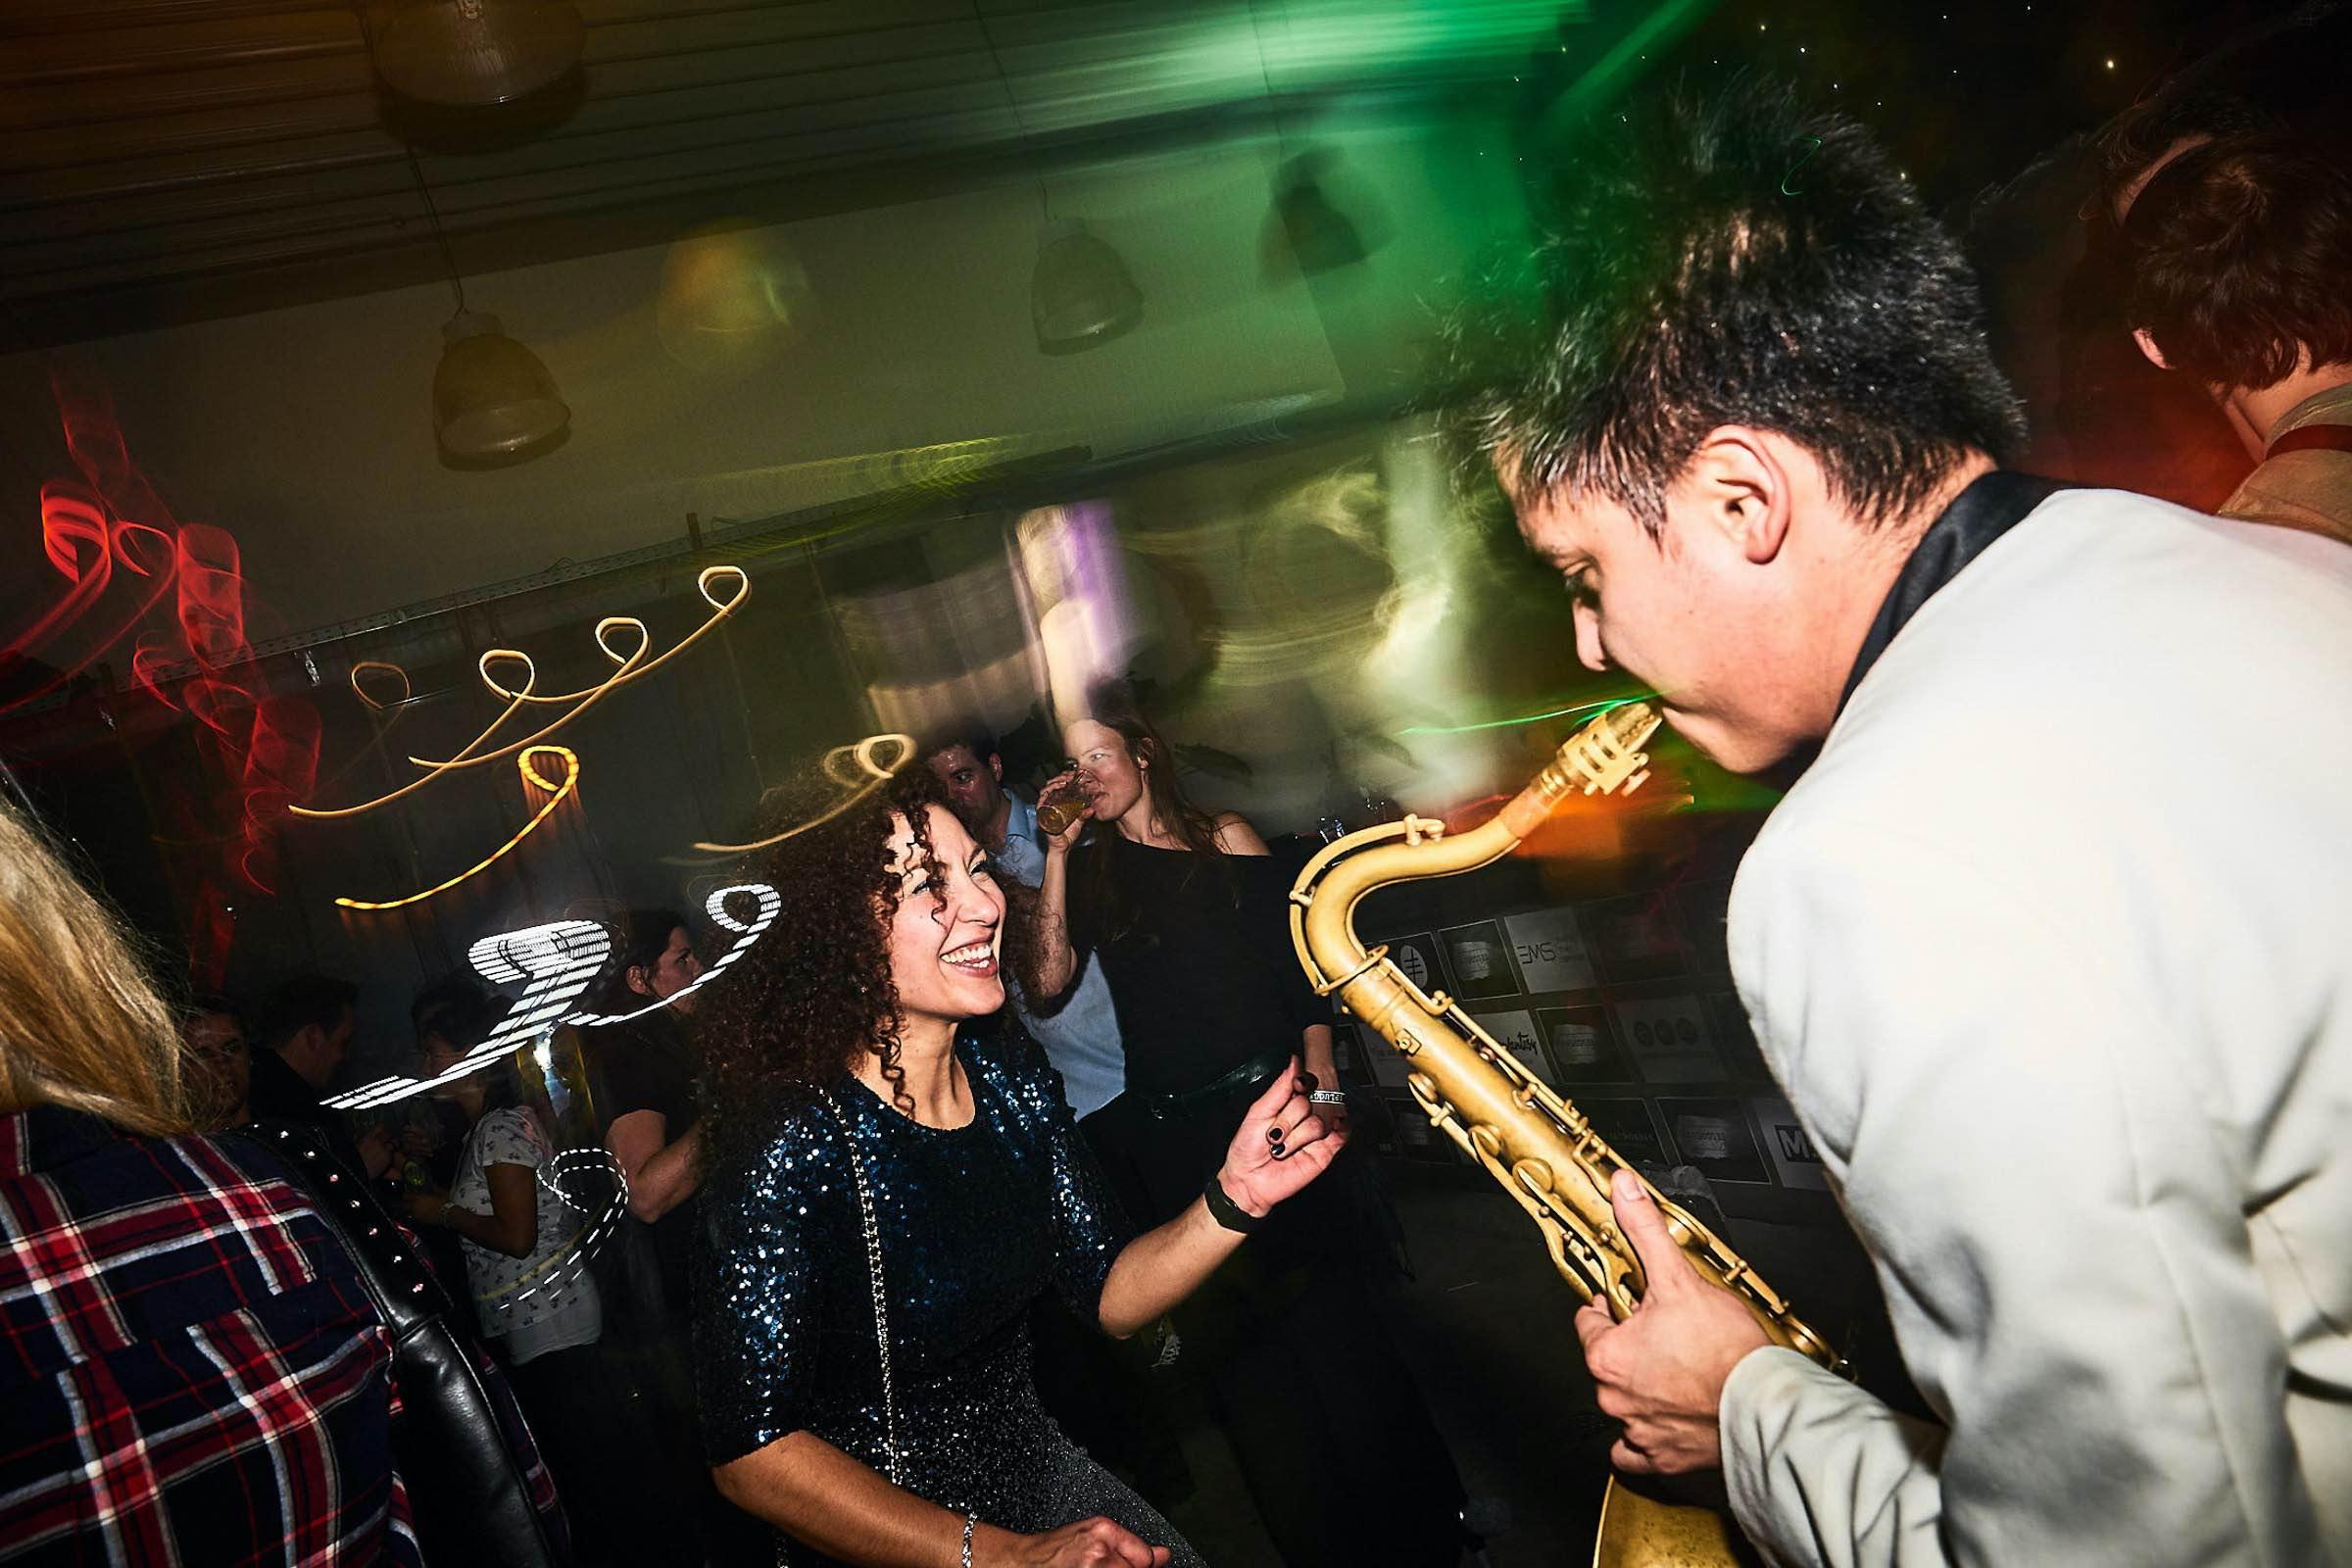 Saxophonist  Hannover  Hochzeit  Liveband  Livemusik  Partyband  Schlagzeug  Saxophone  Jazzband  Swingband  Party  DJ  Pop  Jazz  Hochzeit  Sektempfang  Messe  Firmenfeier  Gala  Buchen  Mieten  Anfragen